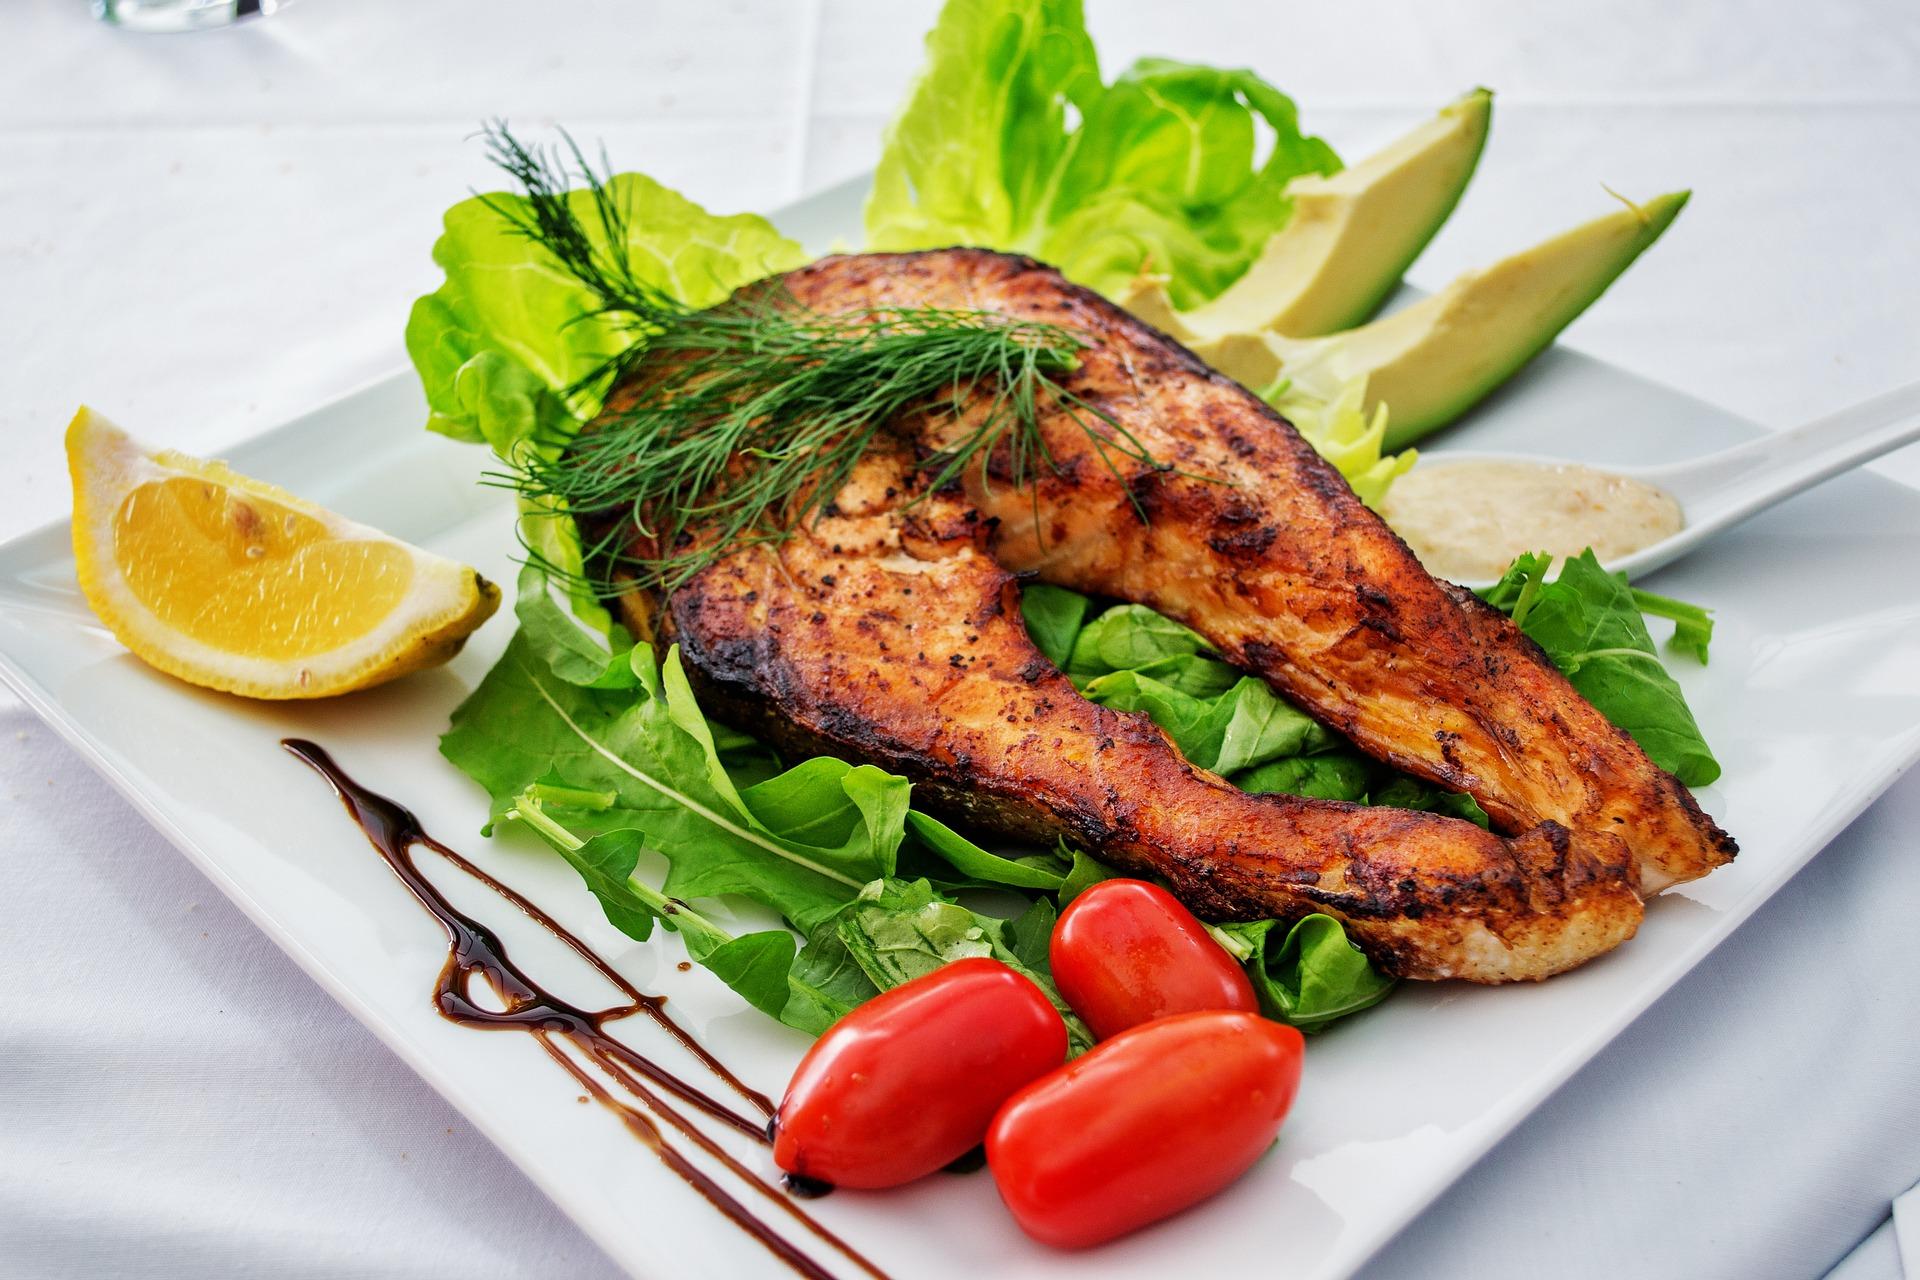 Ujistěte se, že každé jídlo obsahuje bílkoviny a zeleninu / foto: pixabay.com